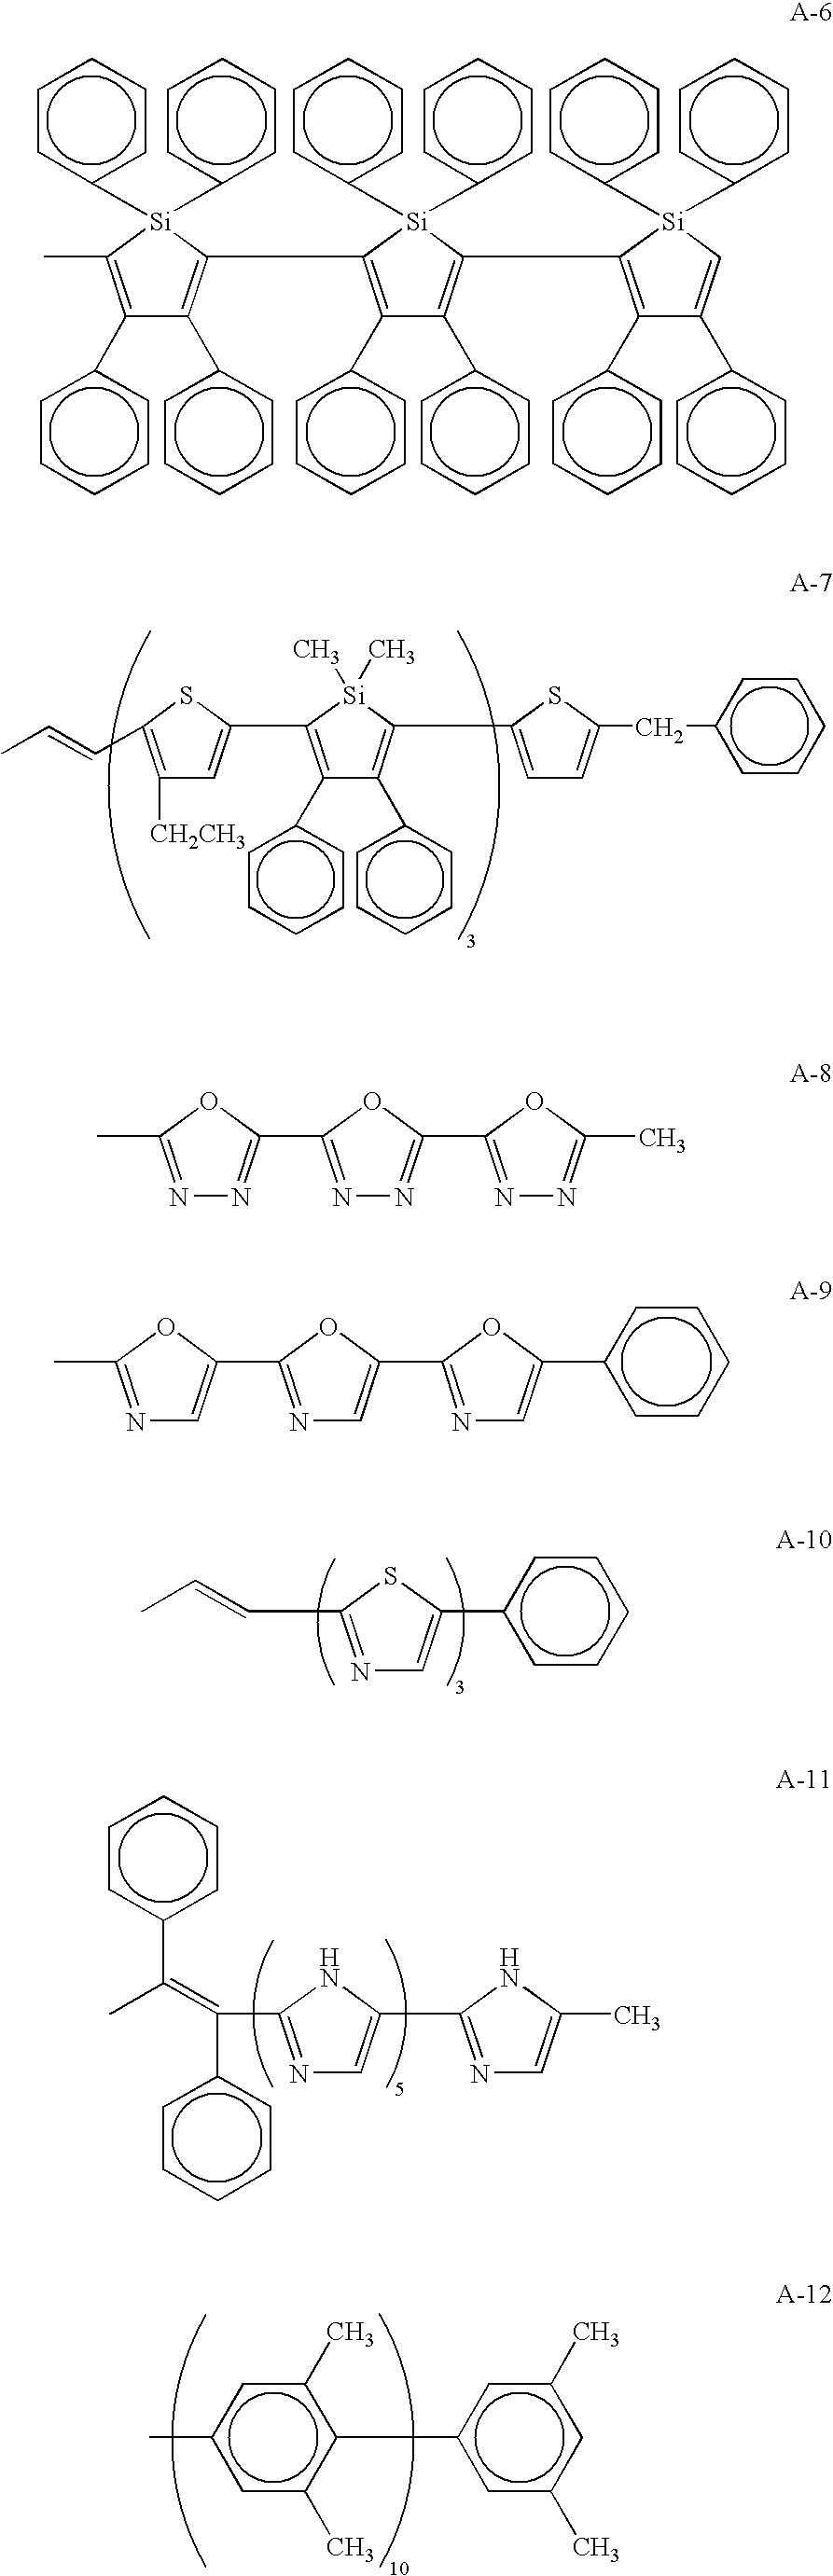 Figure US20030235713A1-20031225-C00008